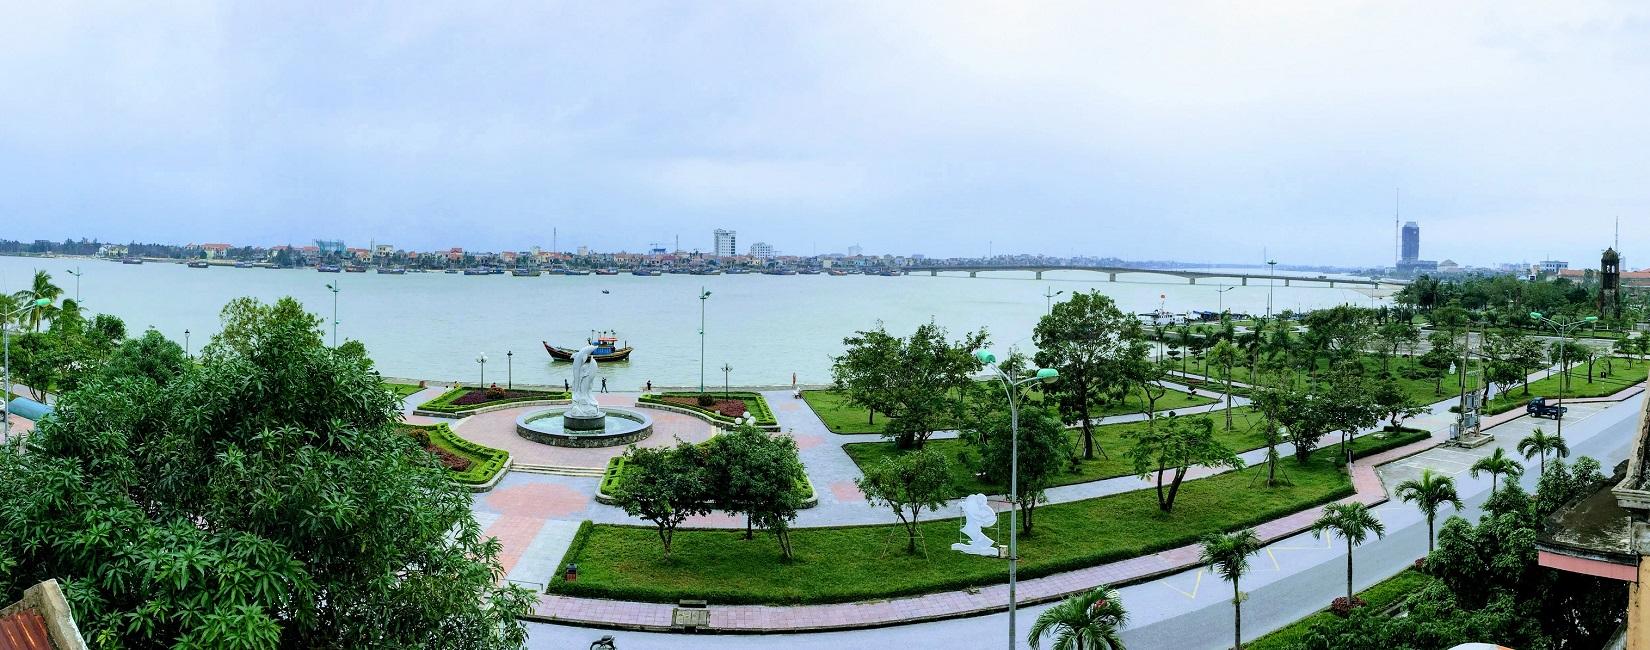 Công viên cá heo - Đồng Hới Quảng Bình